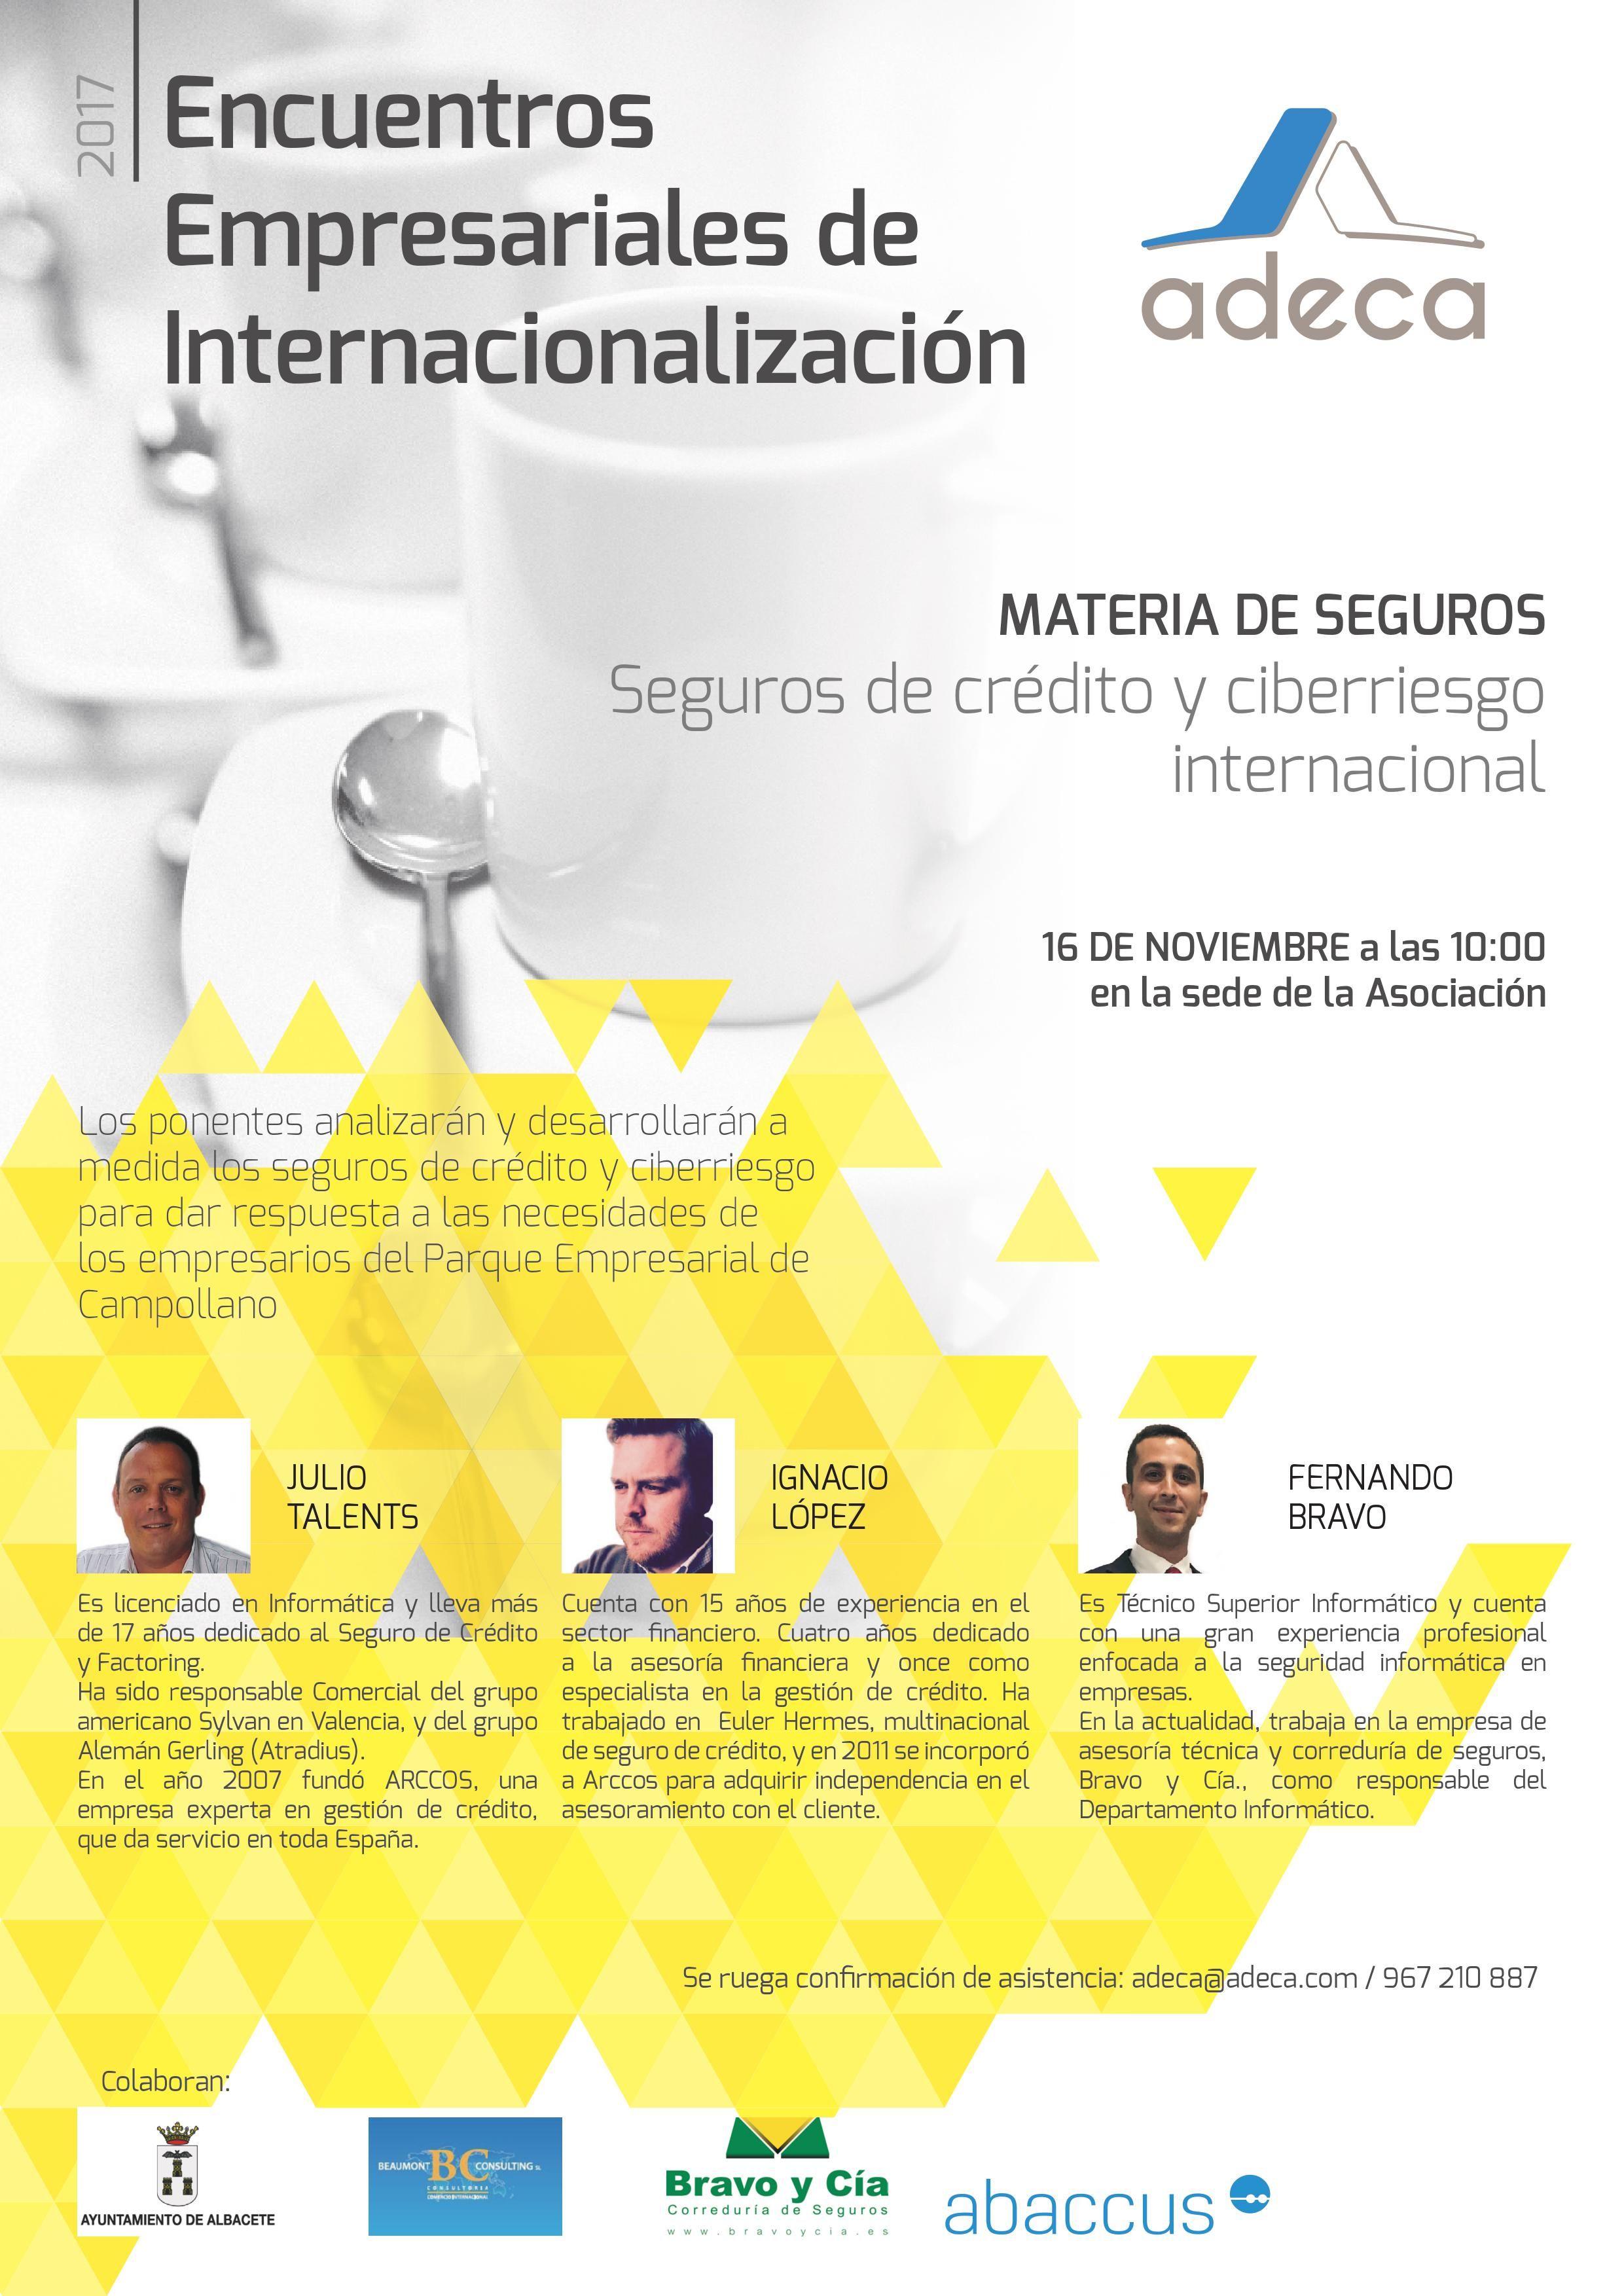 Encuentro Empresarial Bravo y Cía. ADECA